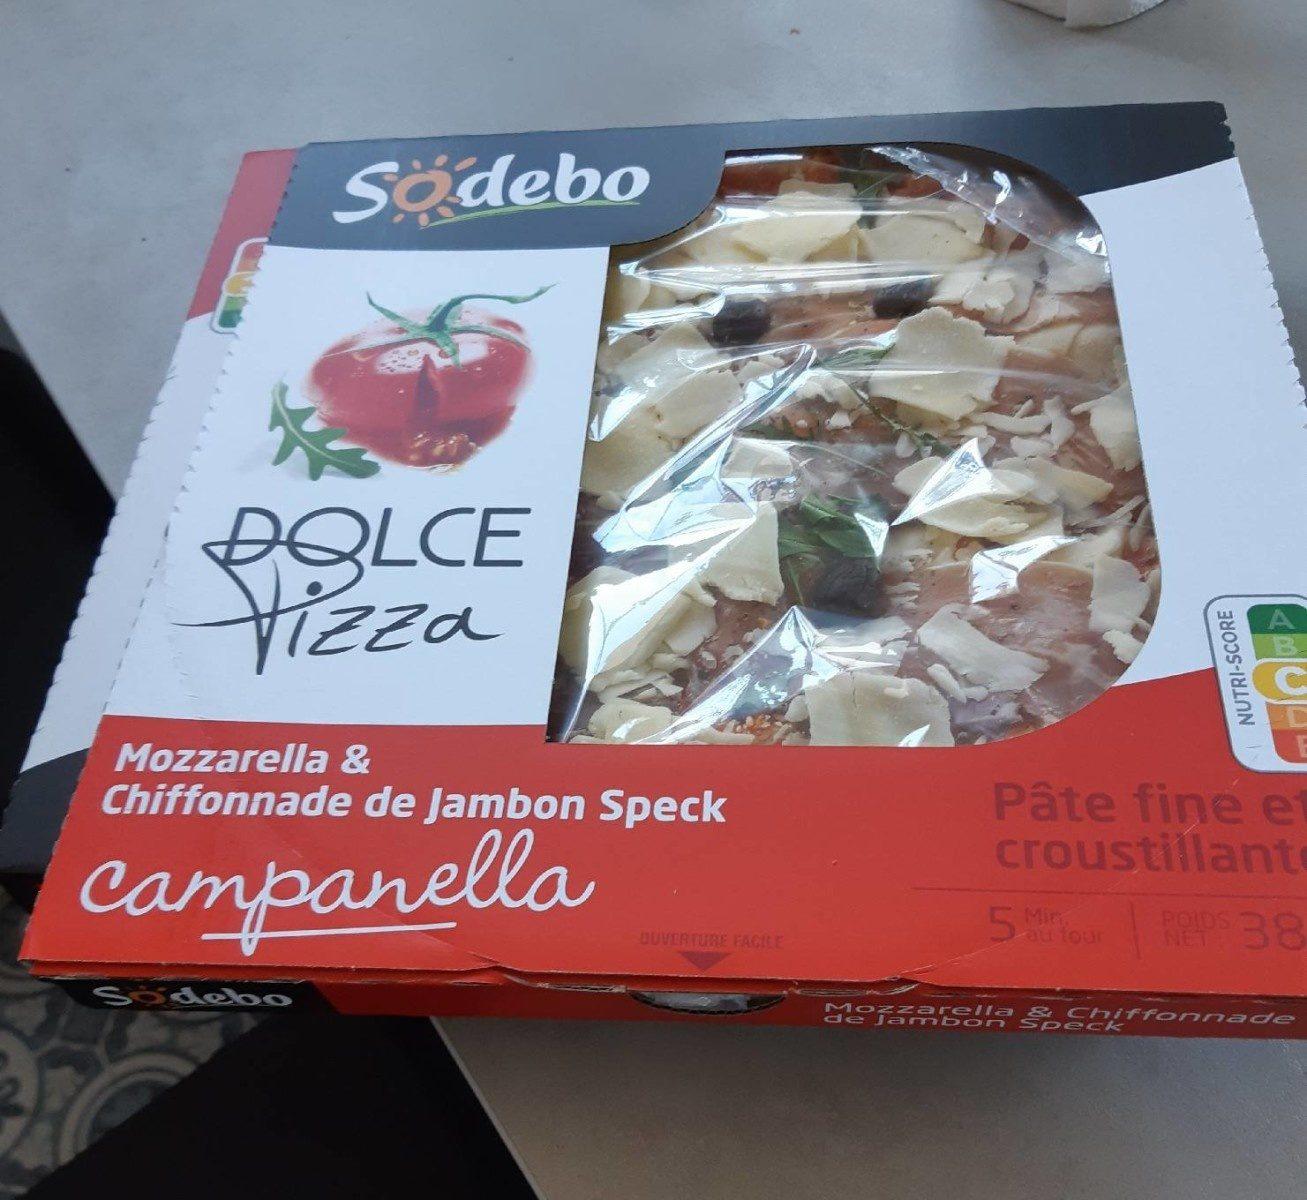 Doive pizza mozzarella et chiffonnnade de jambon speck - Produit